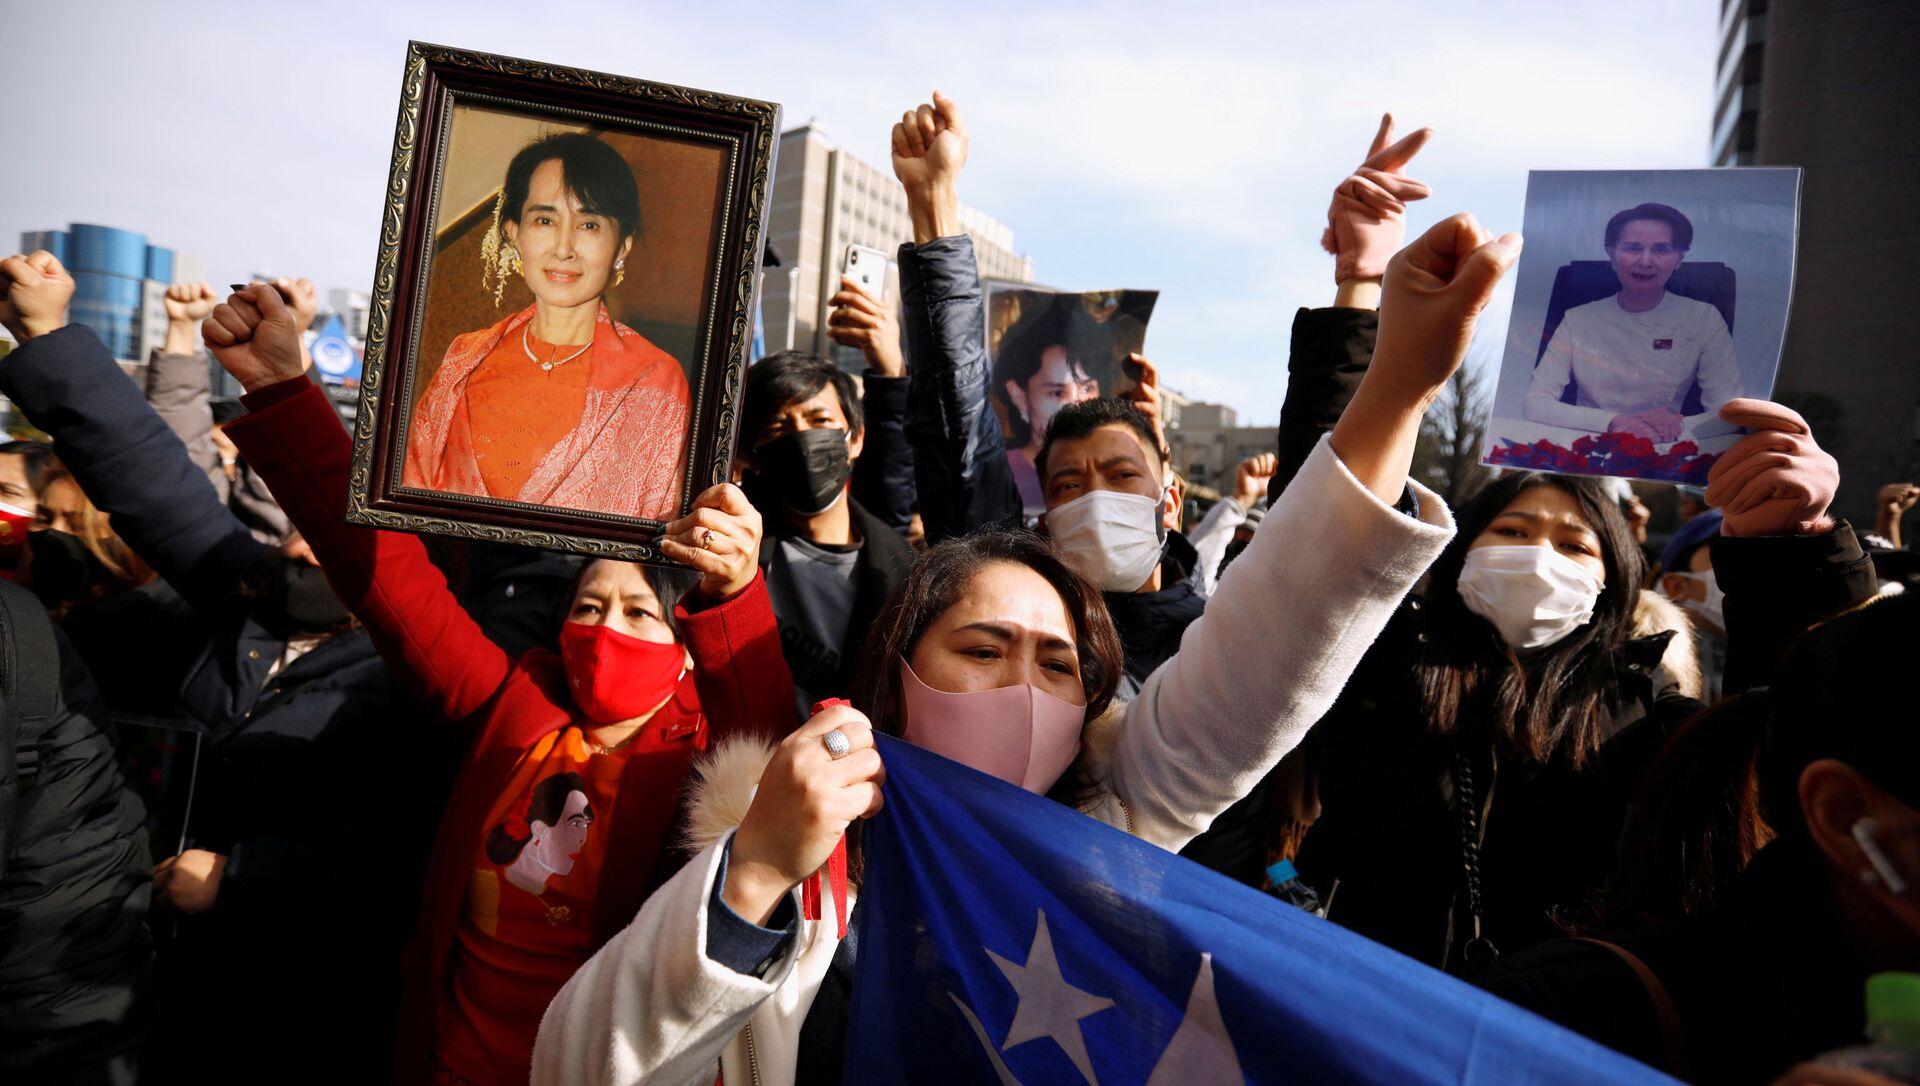 Manifestantes birmanos en Japón protestan contra el golpe de Estado en Birmania - Sputnik Mundo, 1920, 01.02.2021